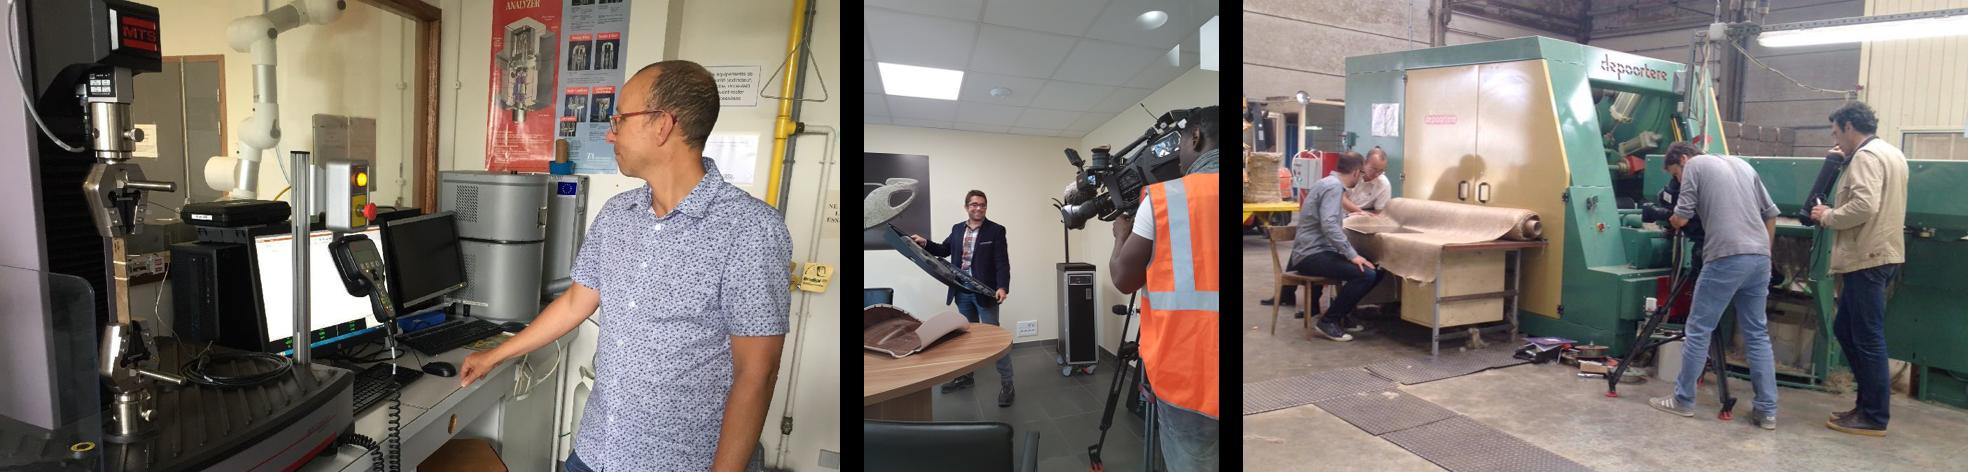 Reportages télévisés pour France 3 Normandie et France 3 Bretagne (UBS - EcoTechnilin - Teillage Vandecandelaère)